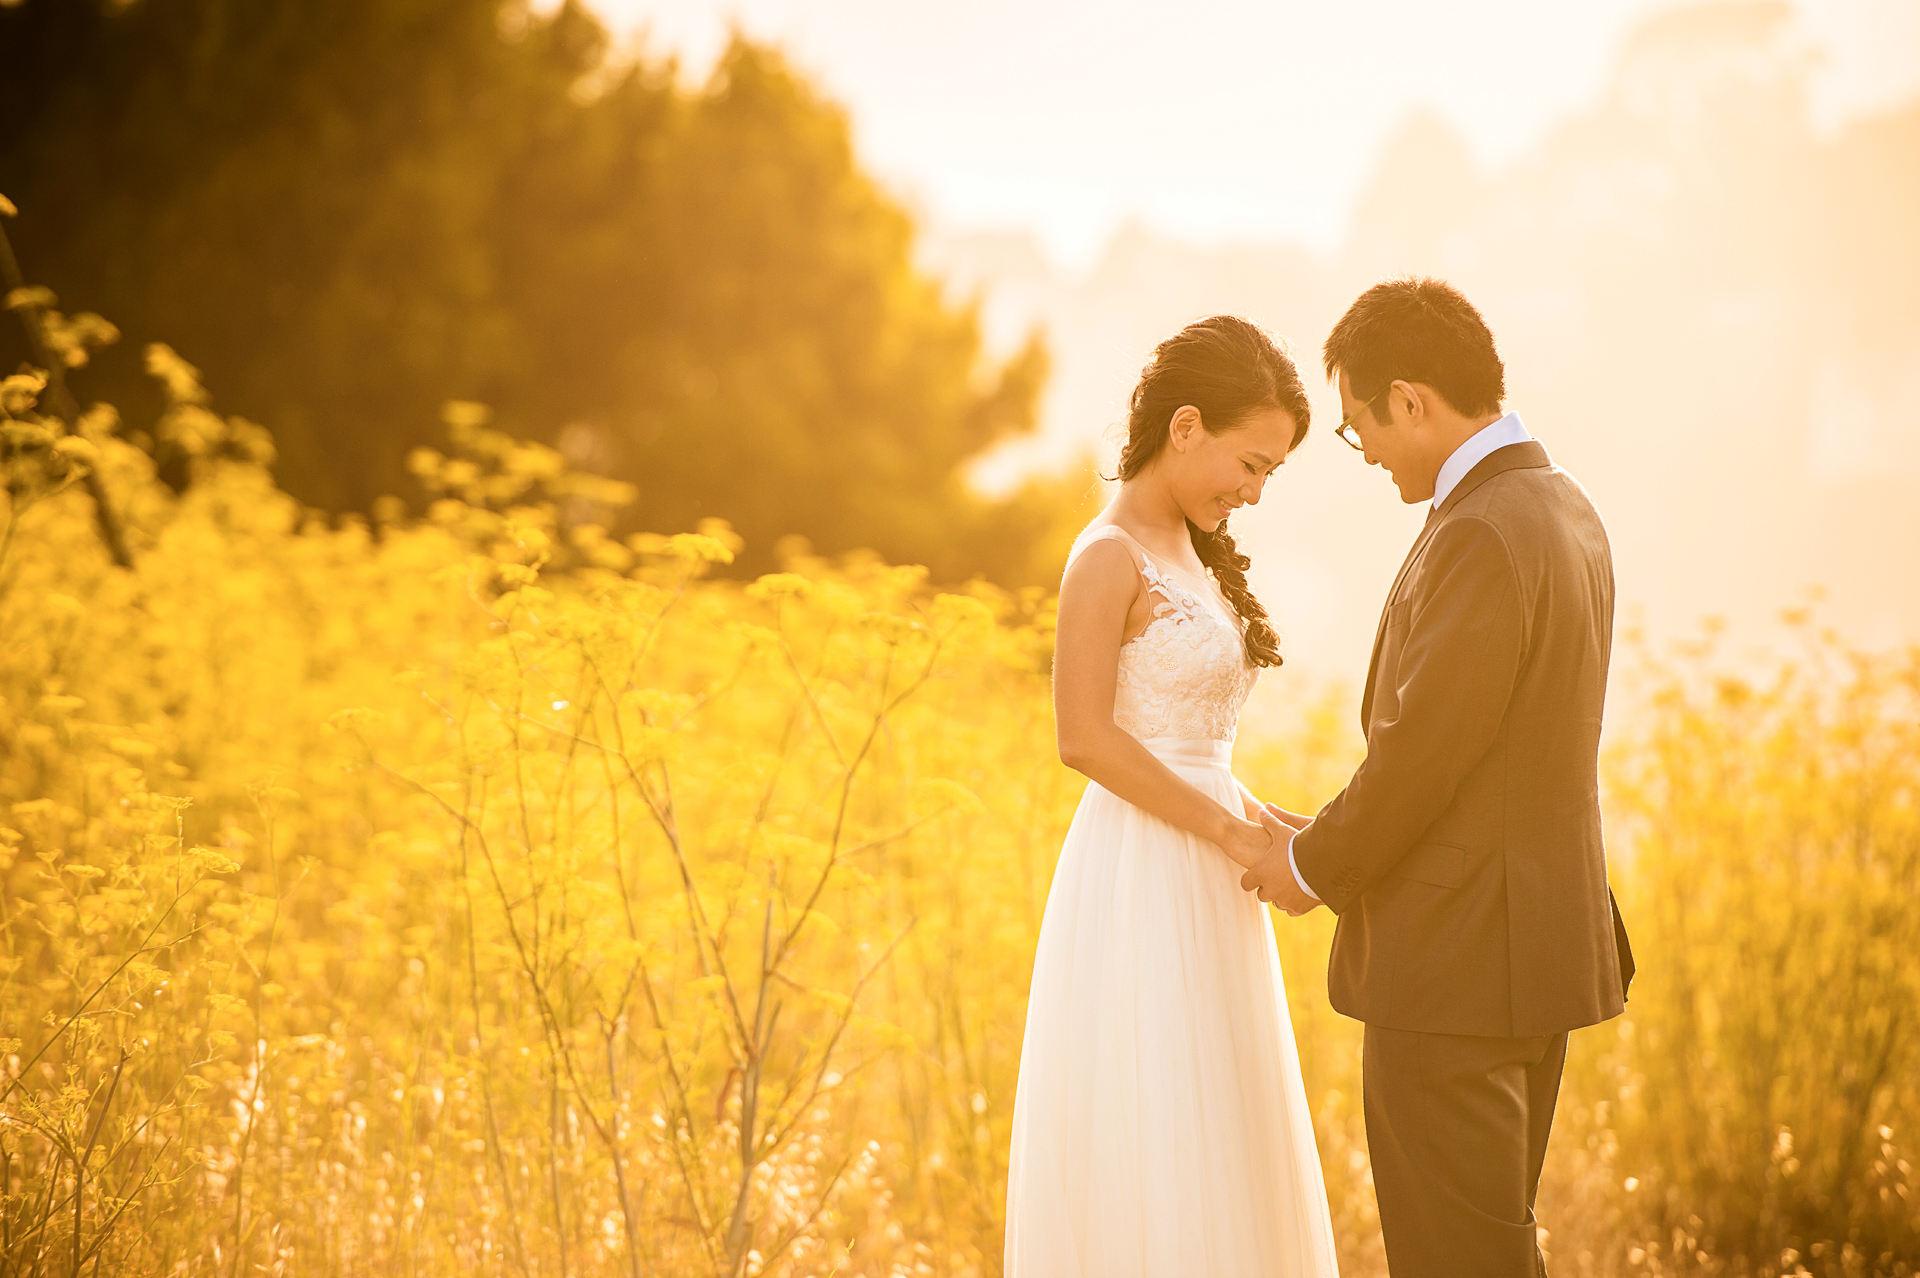 旧金山湾区夕阳婚纱照 san francisco pre wedding